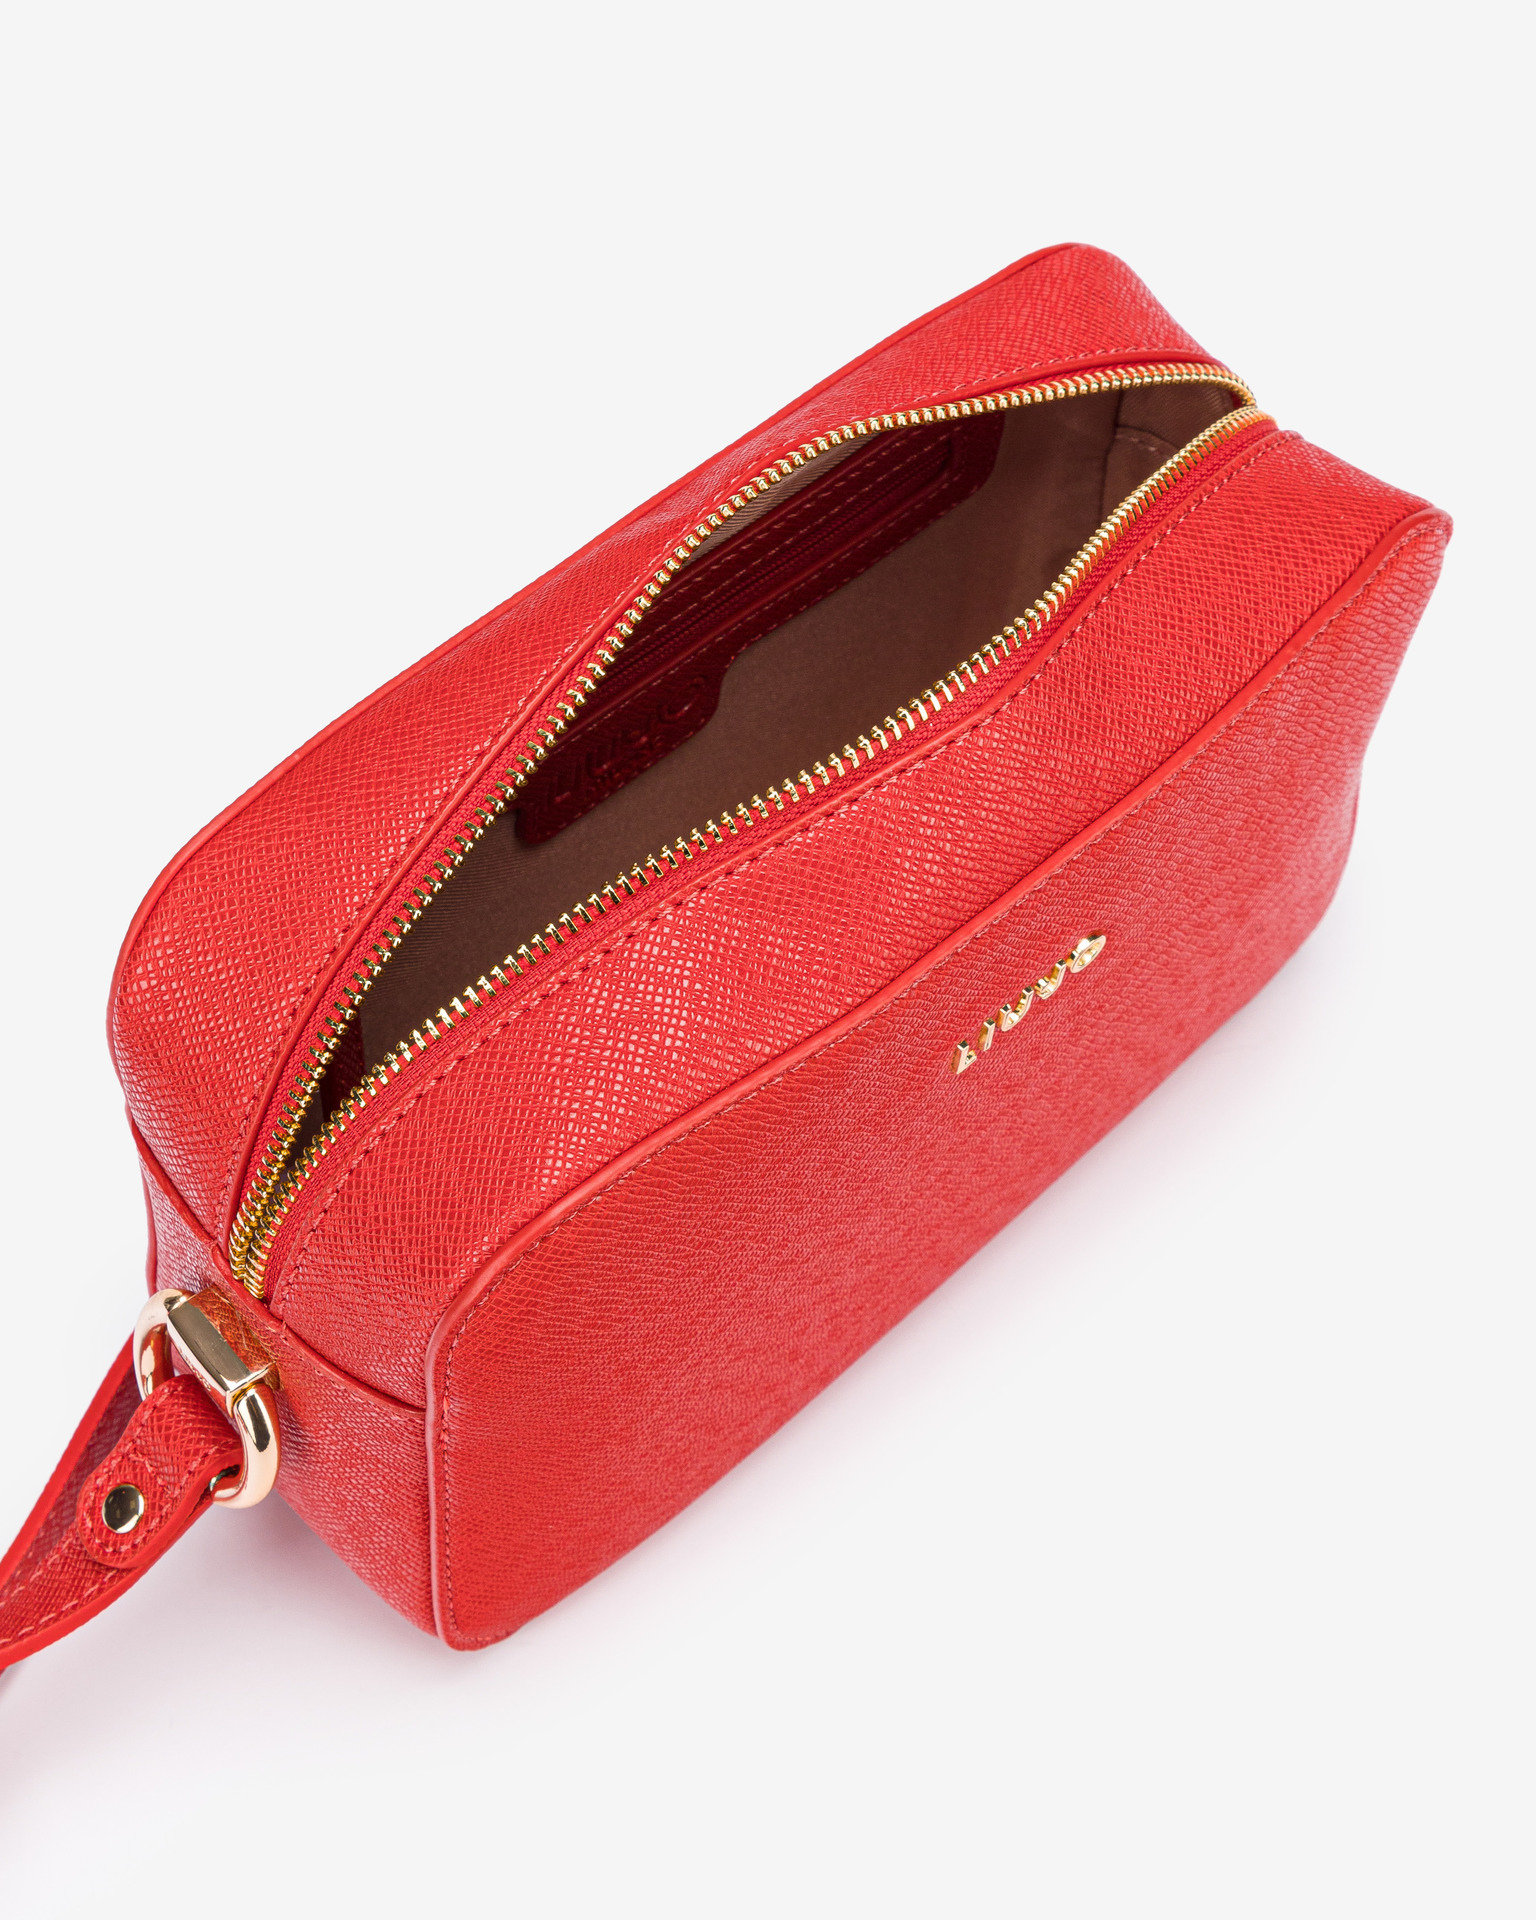 Liu Jo red crossbody bag